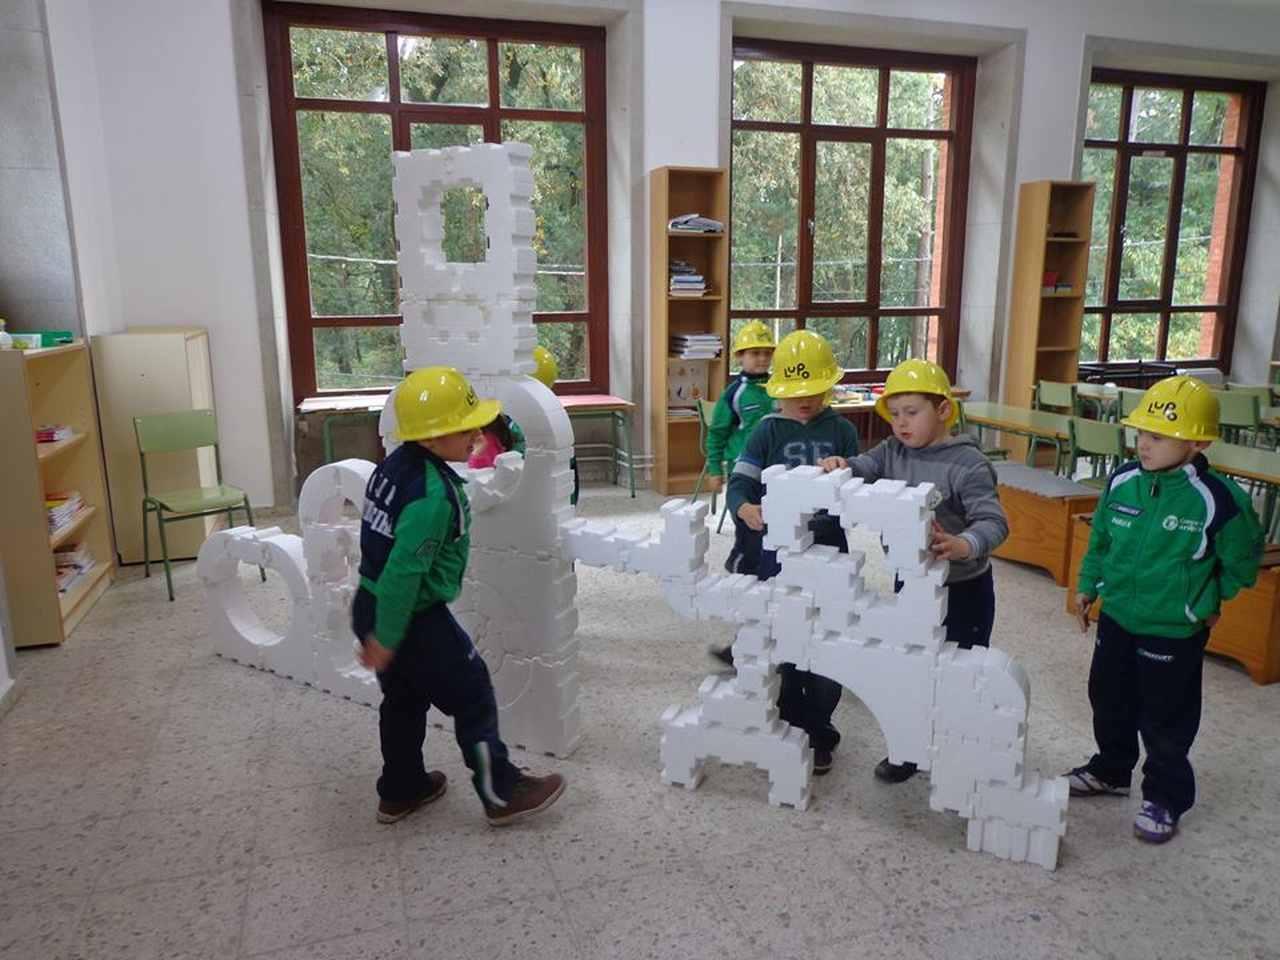 La intervención de Sistema Lupo consistió en diferentes actividades para repensar la escuela